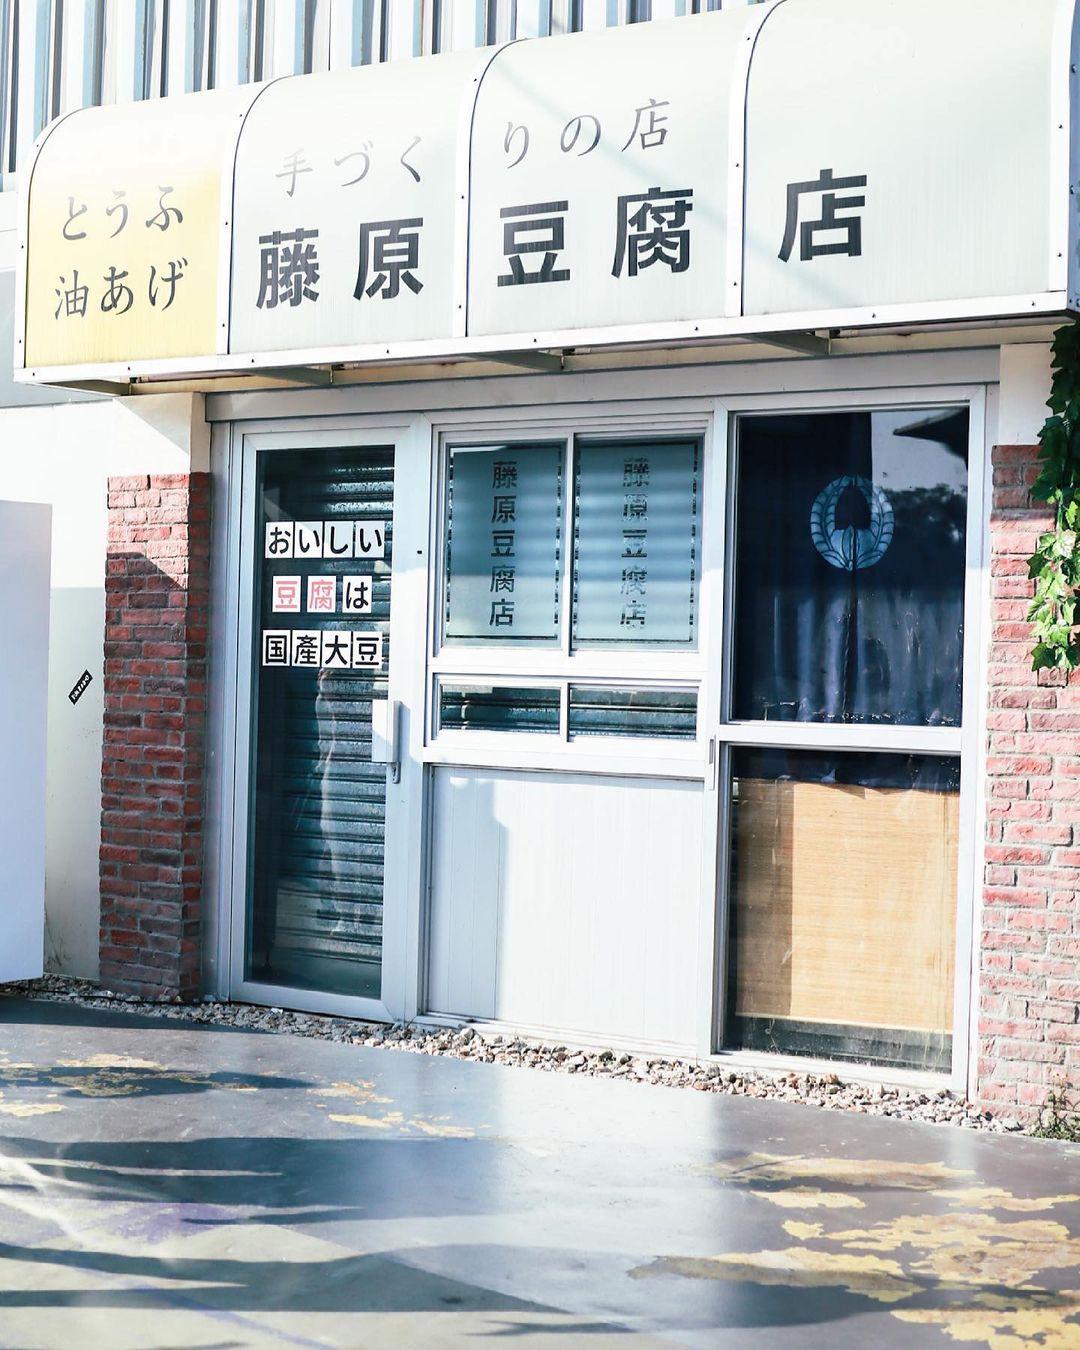 新田的藤原豆腐店號稱「全港唯一沒有豆腐賣的豆腐店」,其實是一間以汽車主題的精品店,店內有來自日本不同縣的車牌。( 圖片來源:IG@aya____travel)